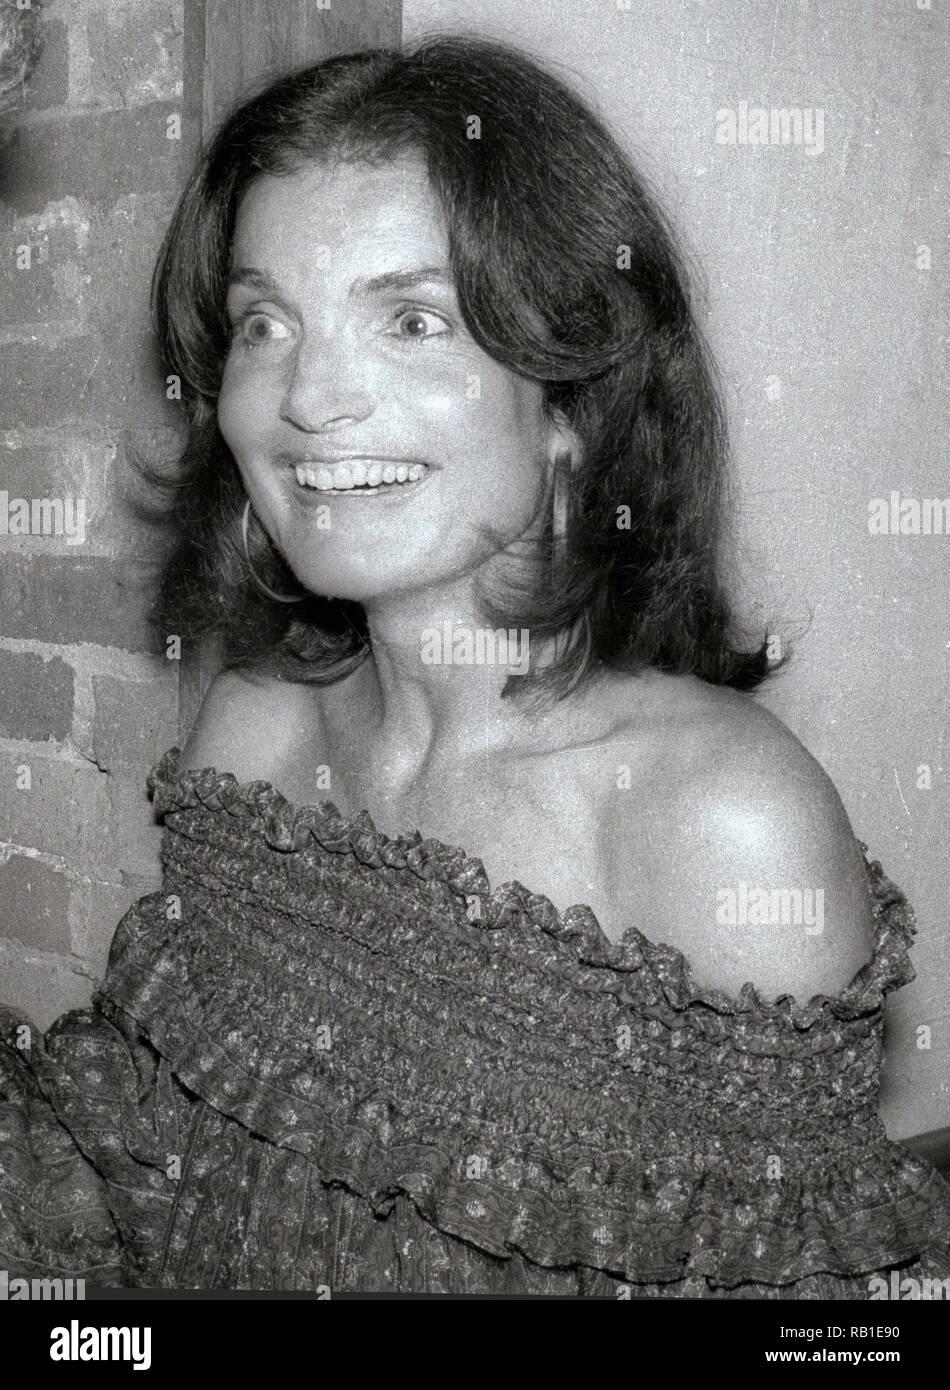 Jackie Kennedy Stock Photos & Jackie Kennedy Stock Images - Alamy